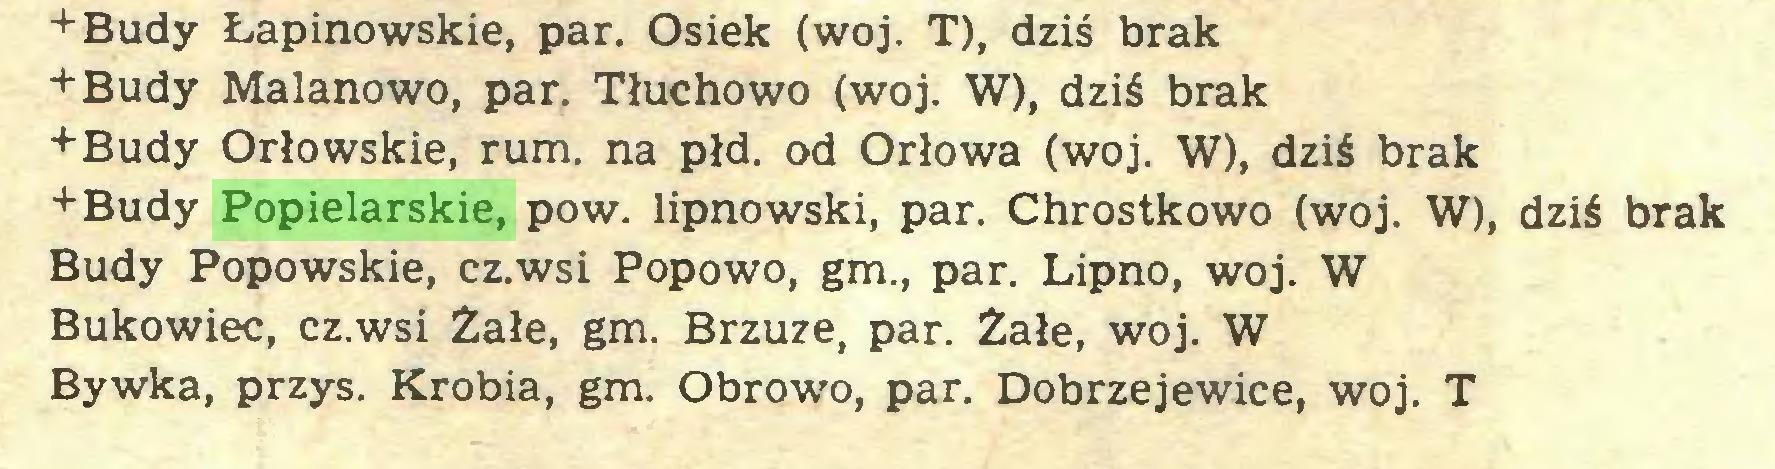 (...) +Budy Łapinowskie, par. Osiek (woj. T), dziś brak +Budy Malanowo, par. Tłuchowo (woj. W), dziś brak +Budy Orłowskie, rum. na płd. od Orłowa (woj. W), dziś brak +Budy Popielarskie, pow. lipnowski, par. Chrostkowo (woj. W), dziś brak Budy Popowskie, cz.wsi Popowo, gm., par. Lipno, woj. W Bukowiec, cz.wsi Żałe, gm. Brzuze, par. Żałe, woj. W Bywka, przys. Krobia, gm. Obrowo, par. Dobrzejewice, woj. T...